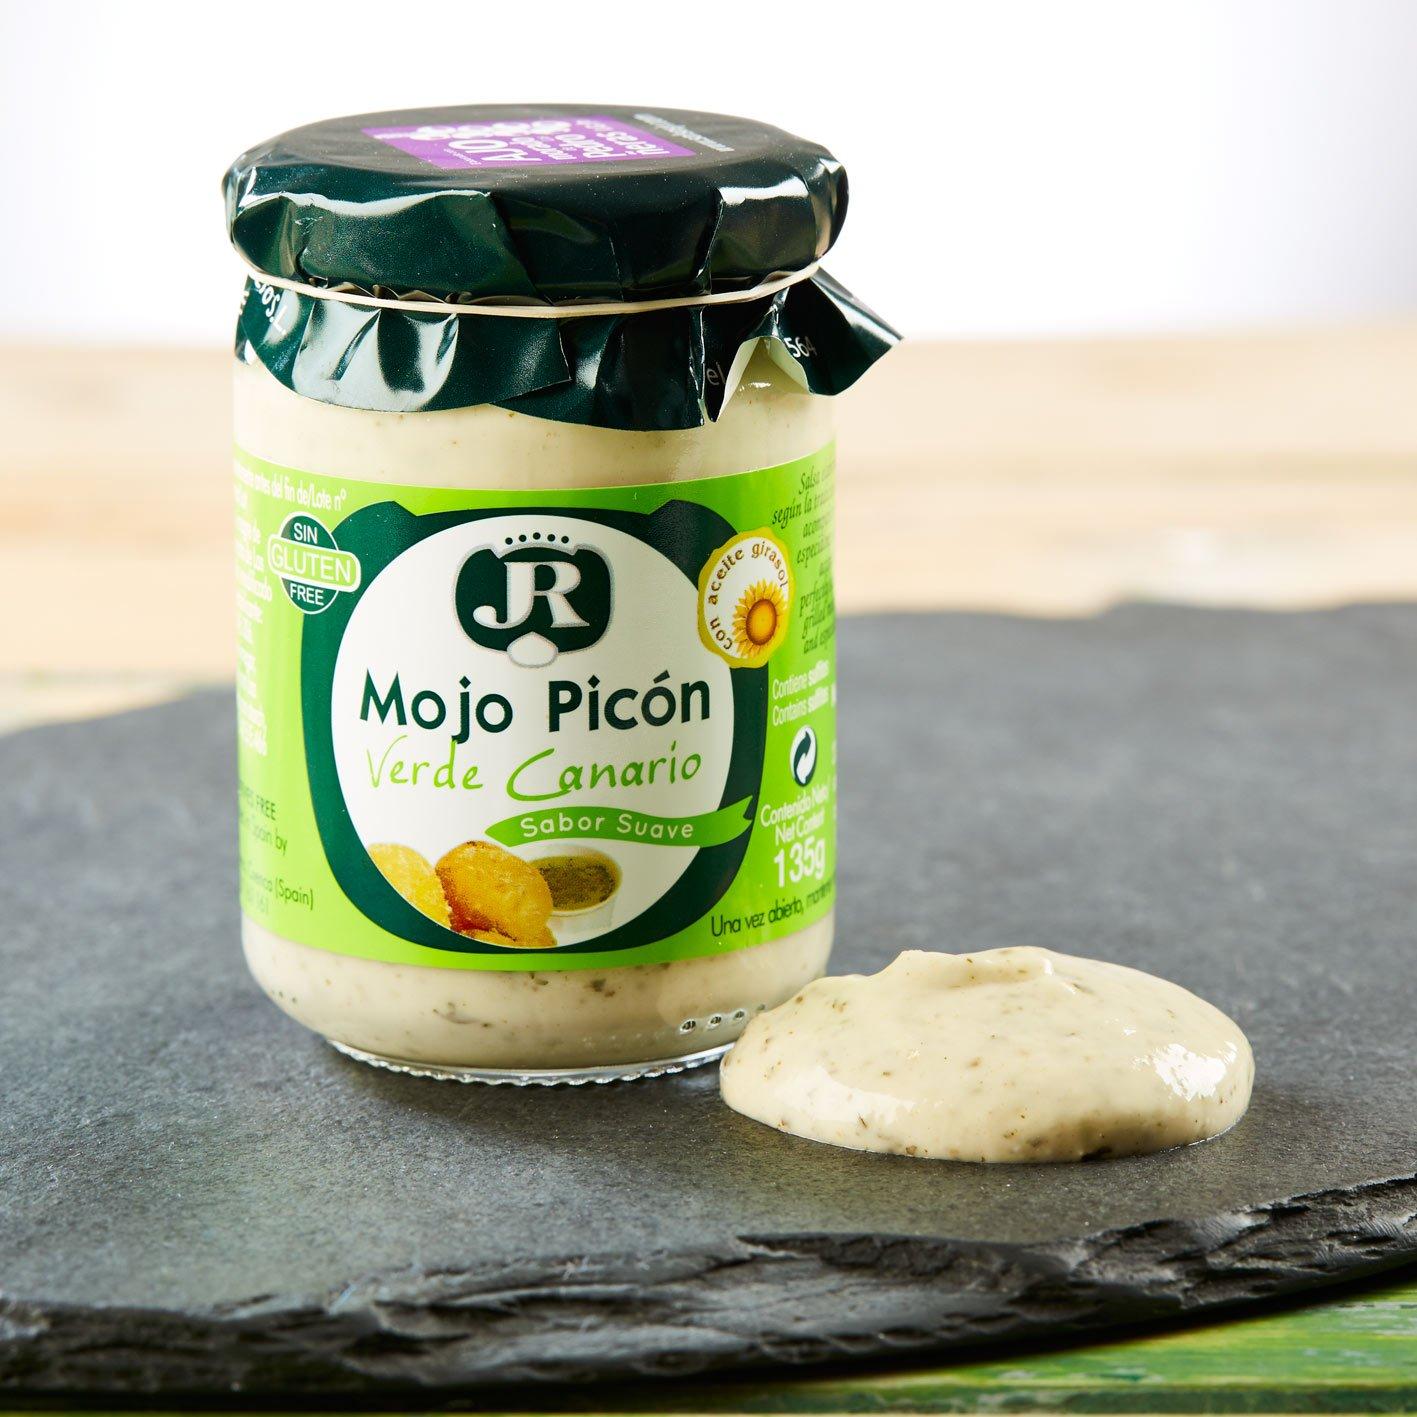 Mojo Picón Verde Canario Jr Tarro 135 G: Amazon.es: Alimentación y bebidas